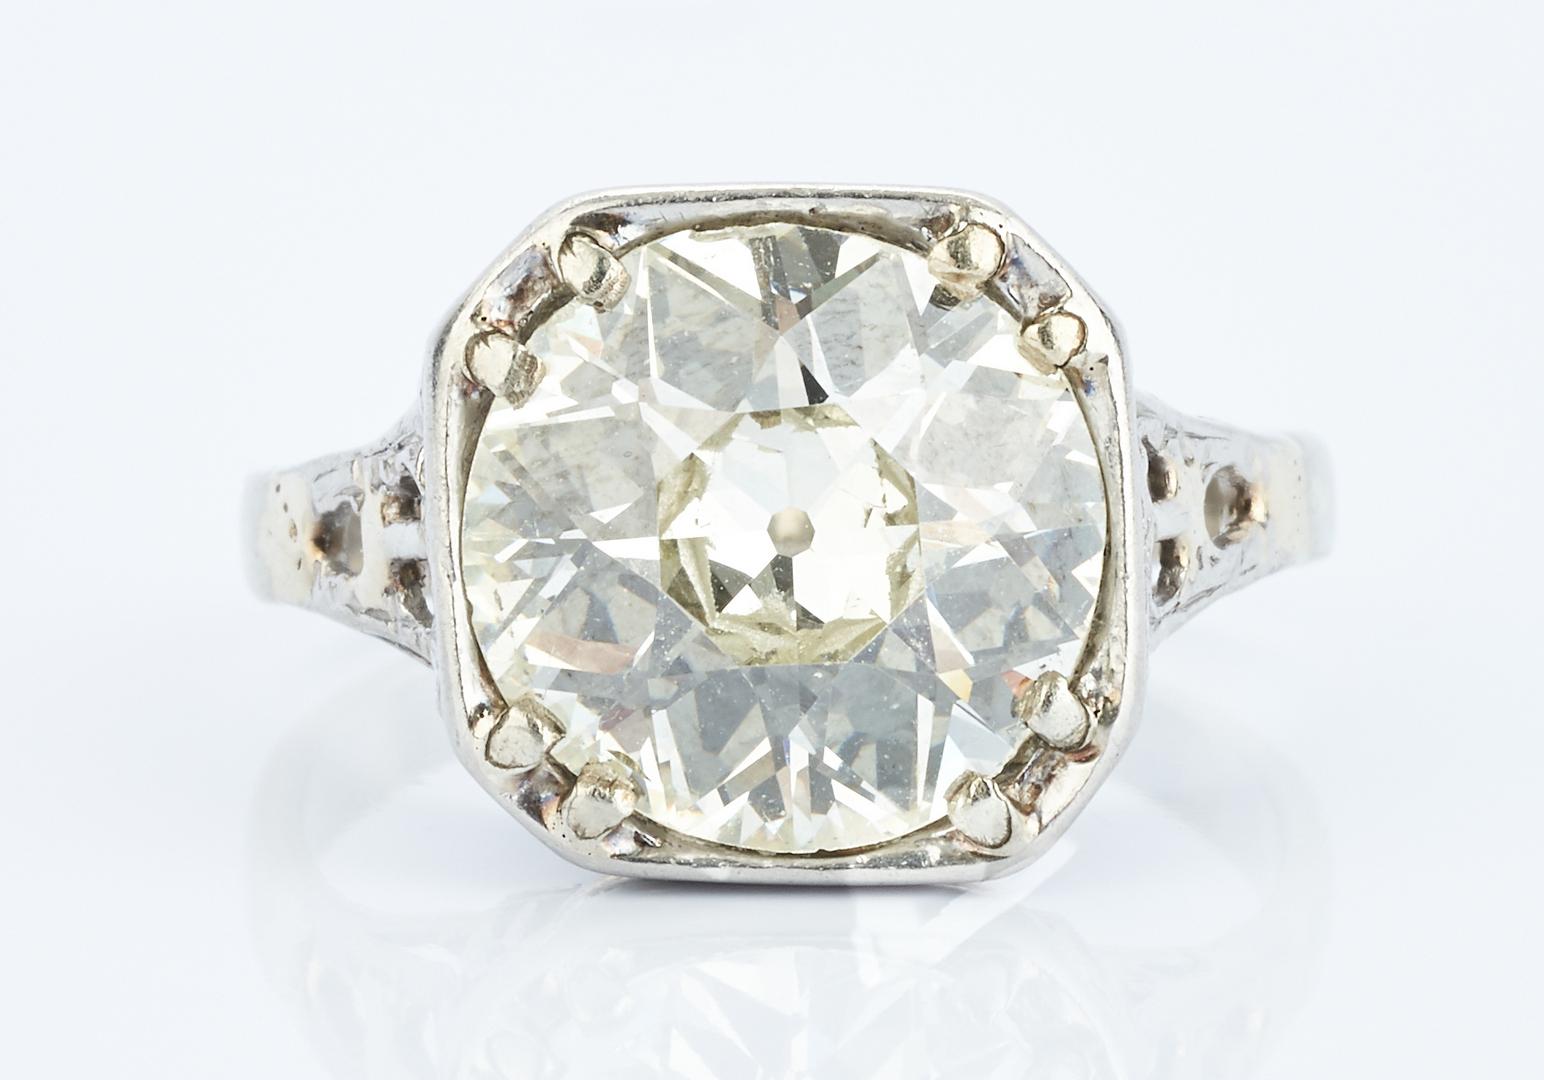 Lot 43: 5.2 CTW Old European Brilliant Diamond, GIA